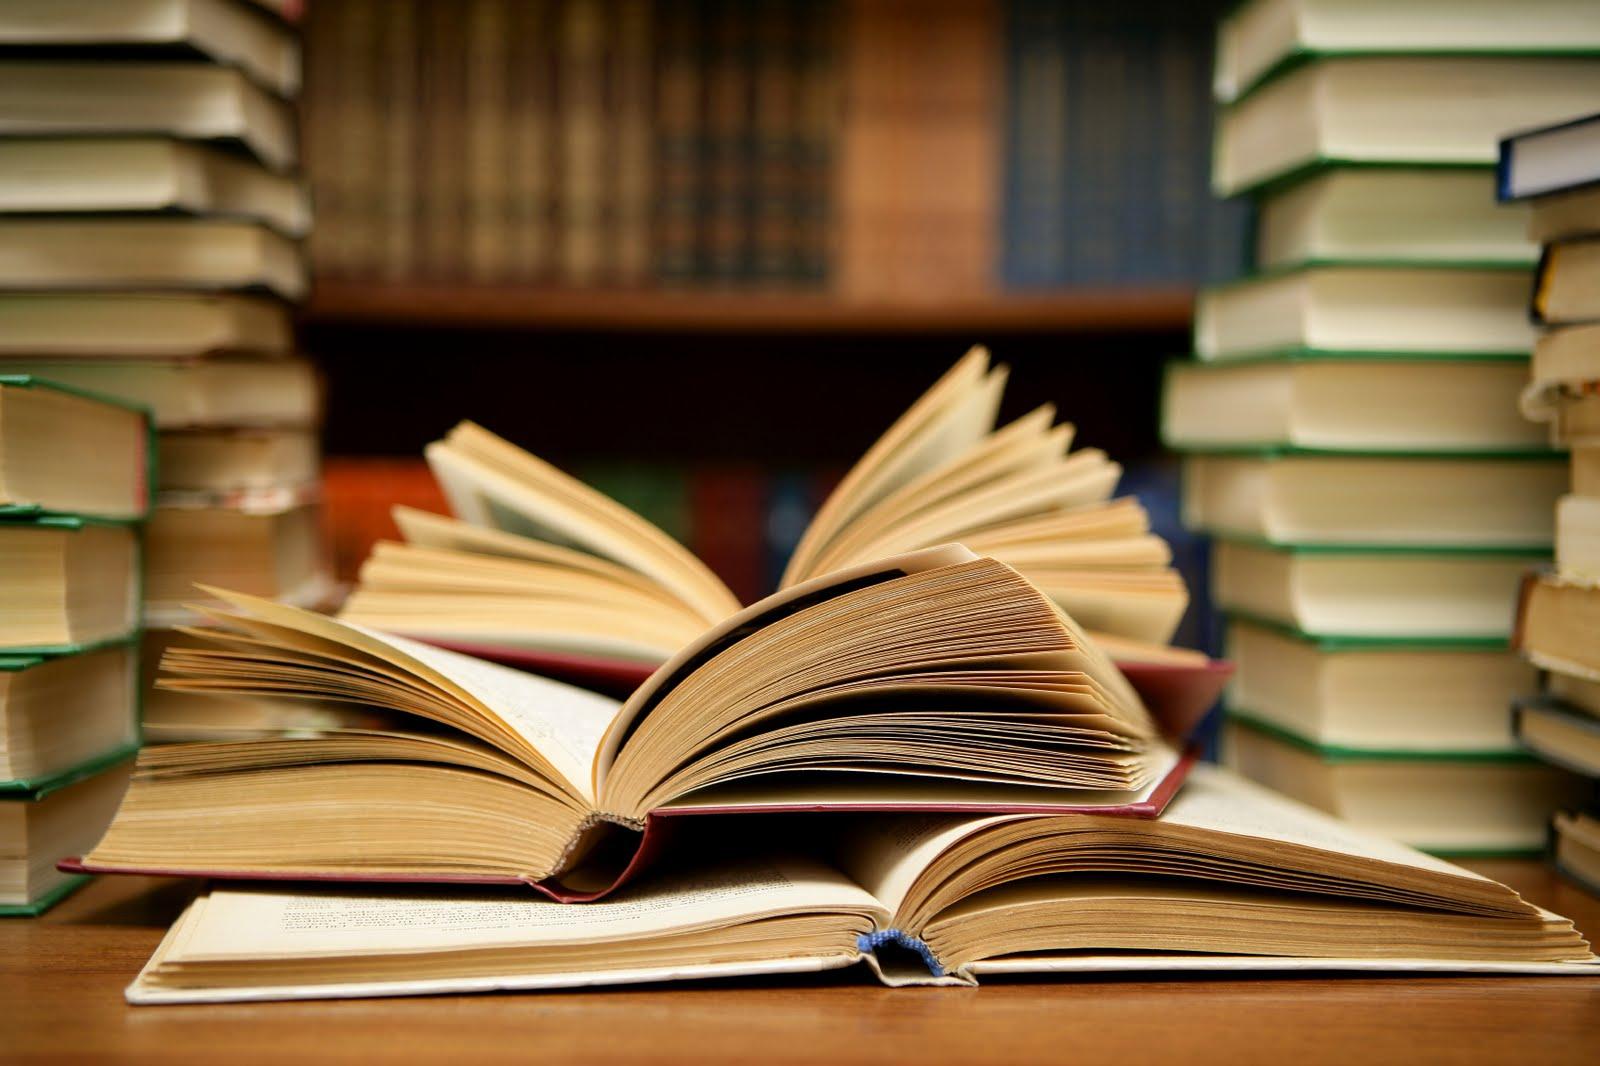 Наюго-востоке столицы горел книжный магазин